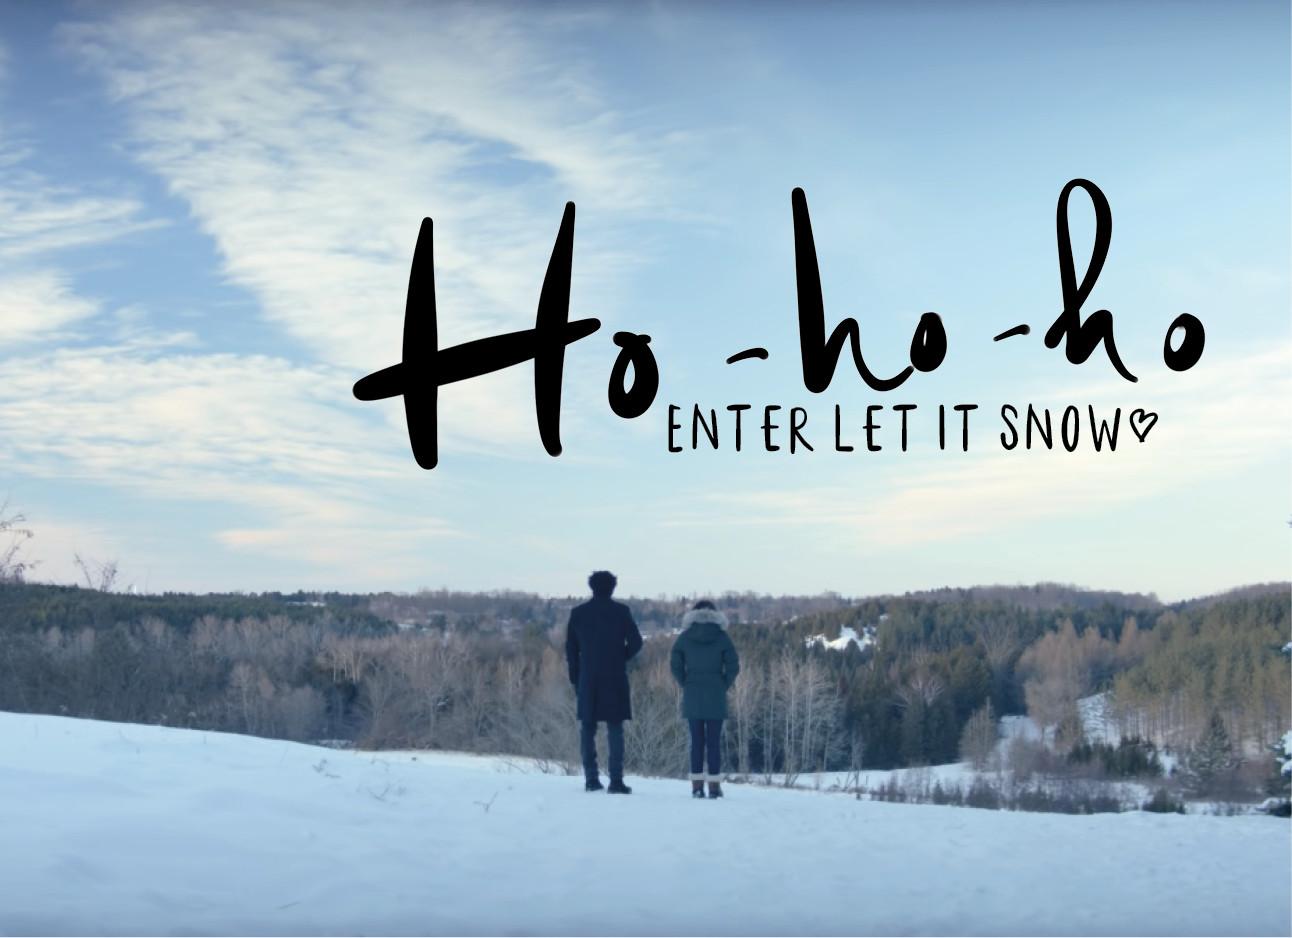 beeld uit de netflix film let it snow